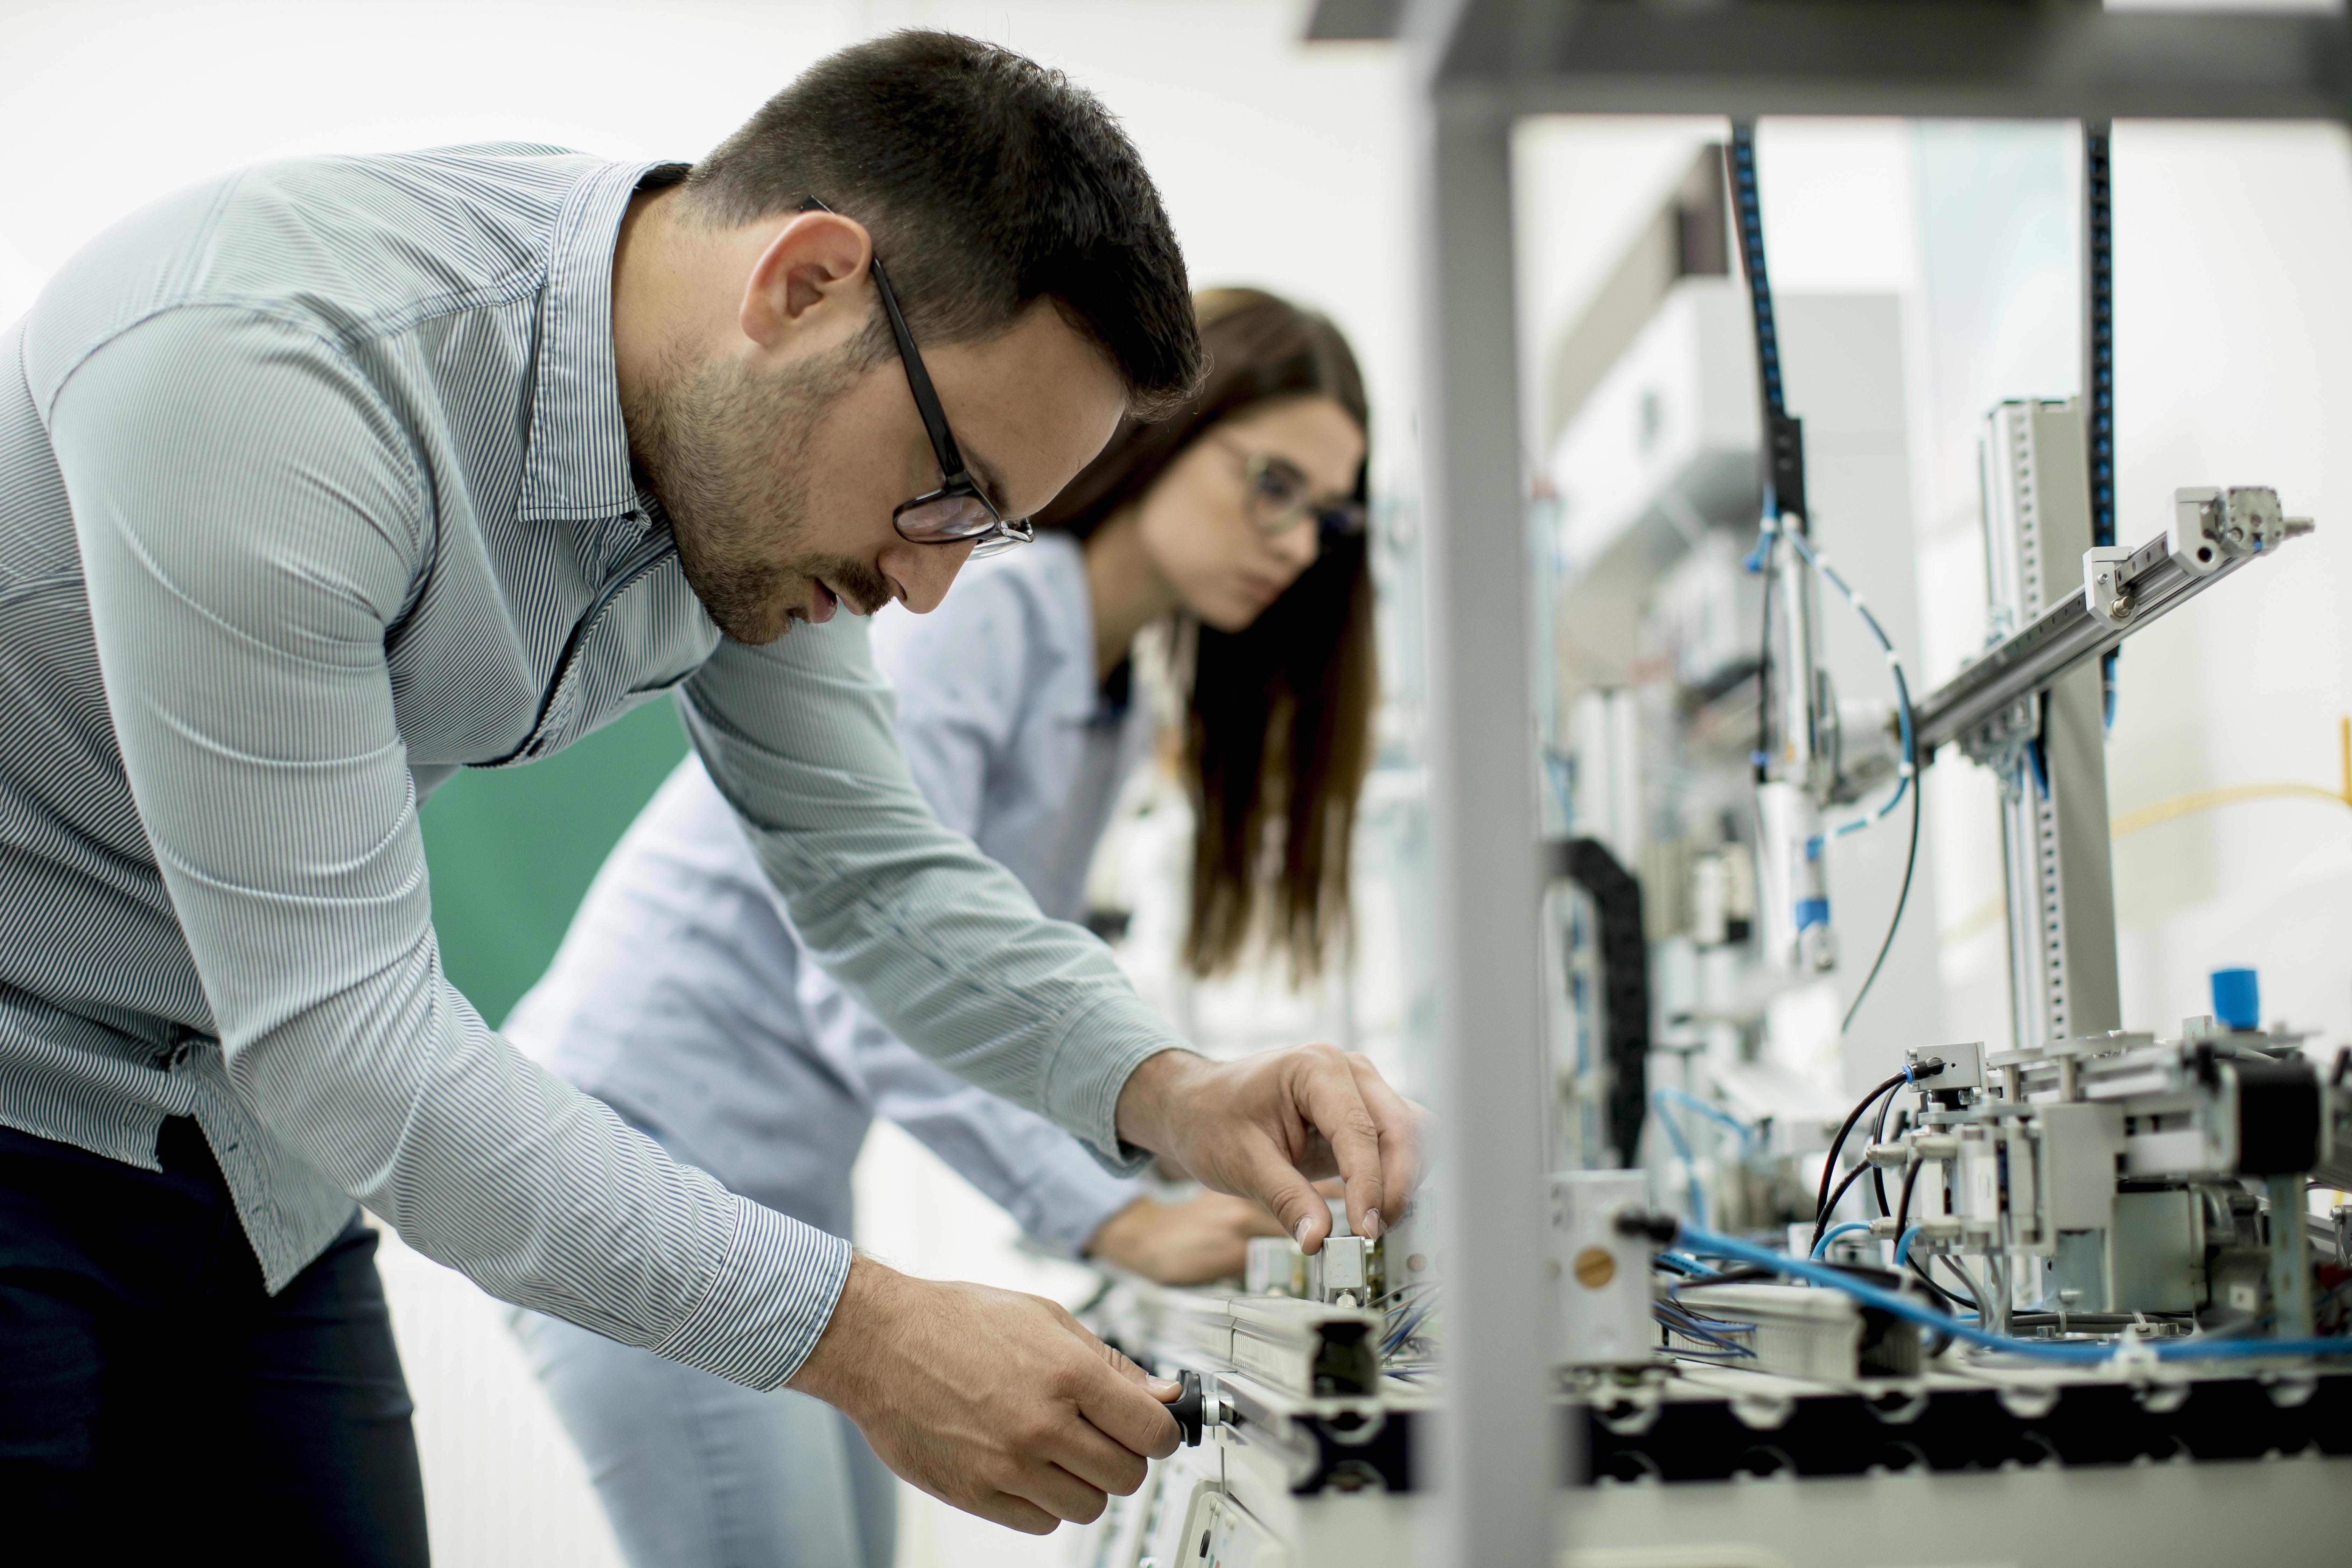 Forschungsintensität in Baden-Württemberg erreicht neuen Spitzenwert